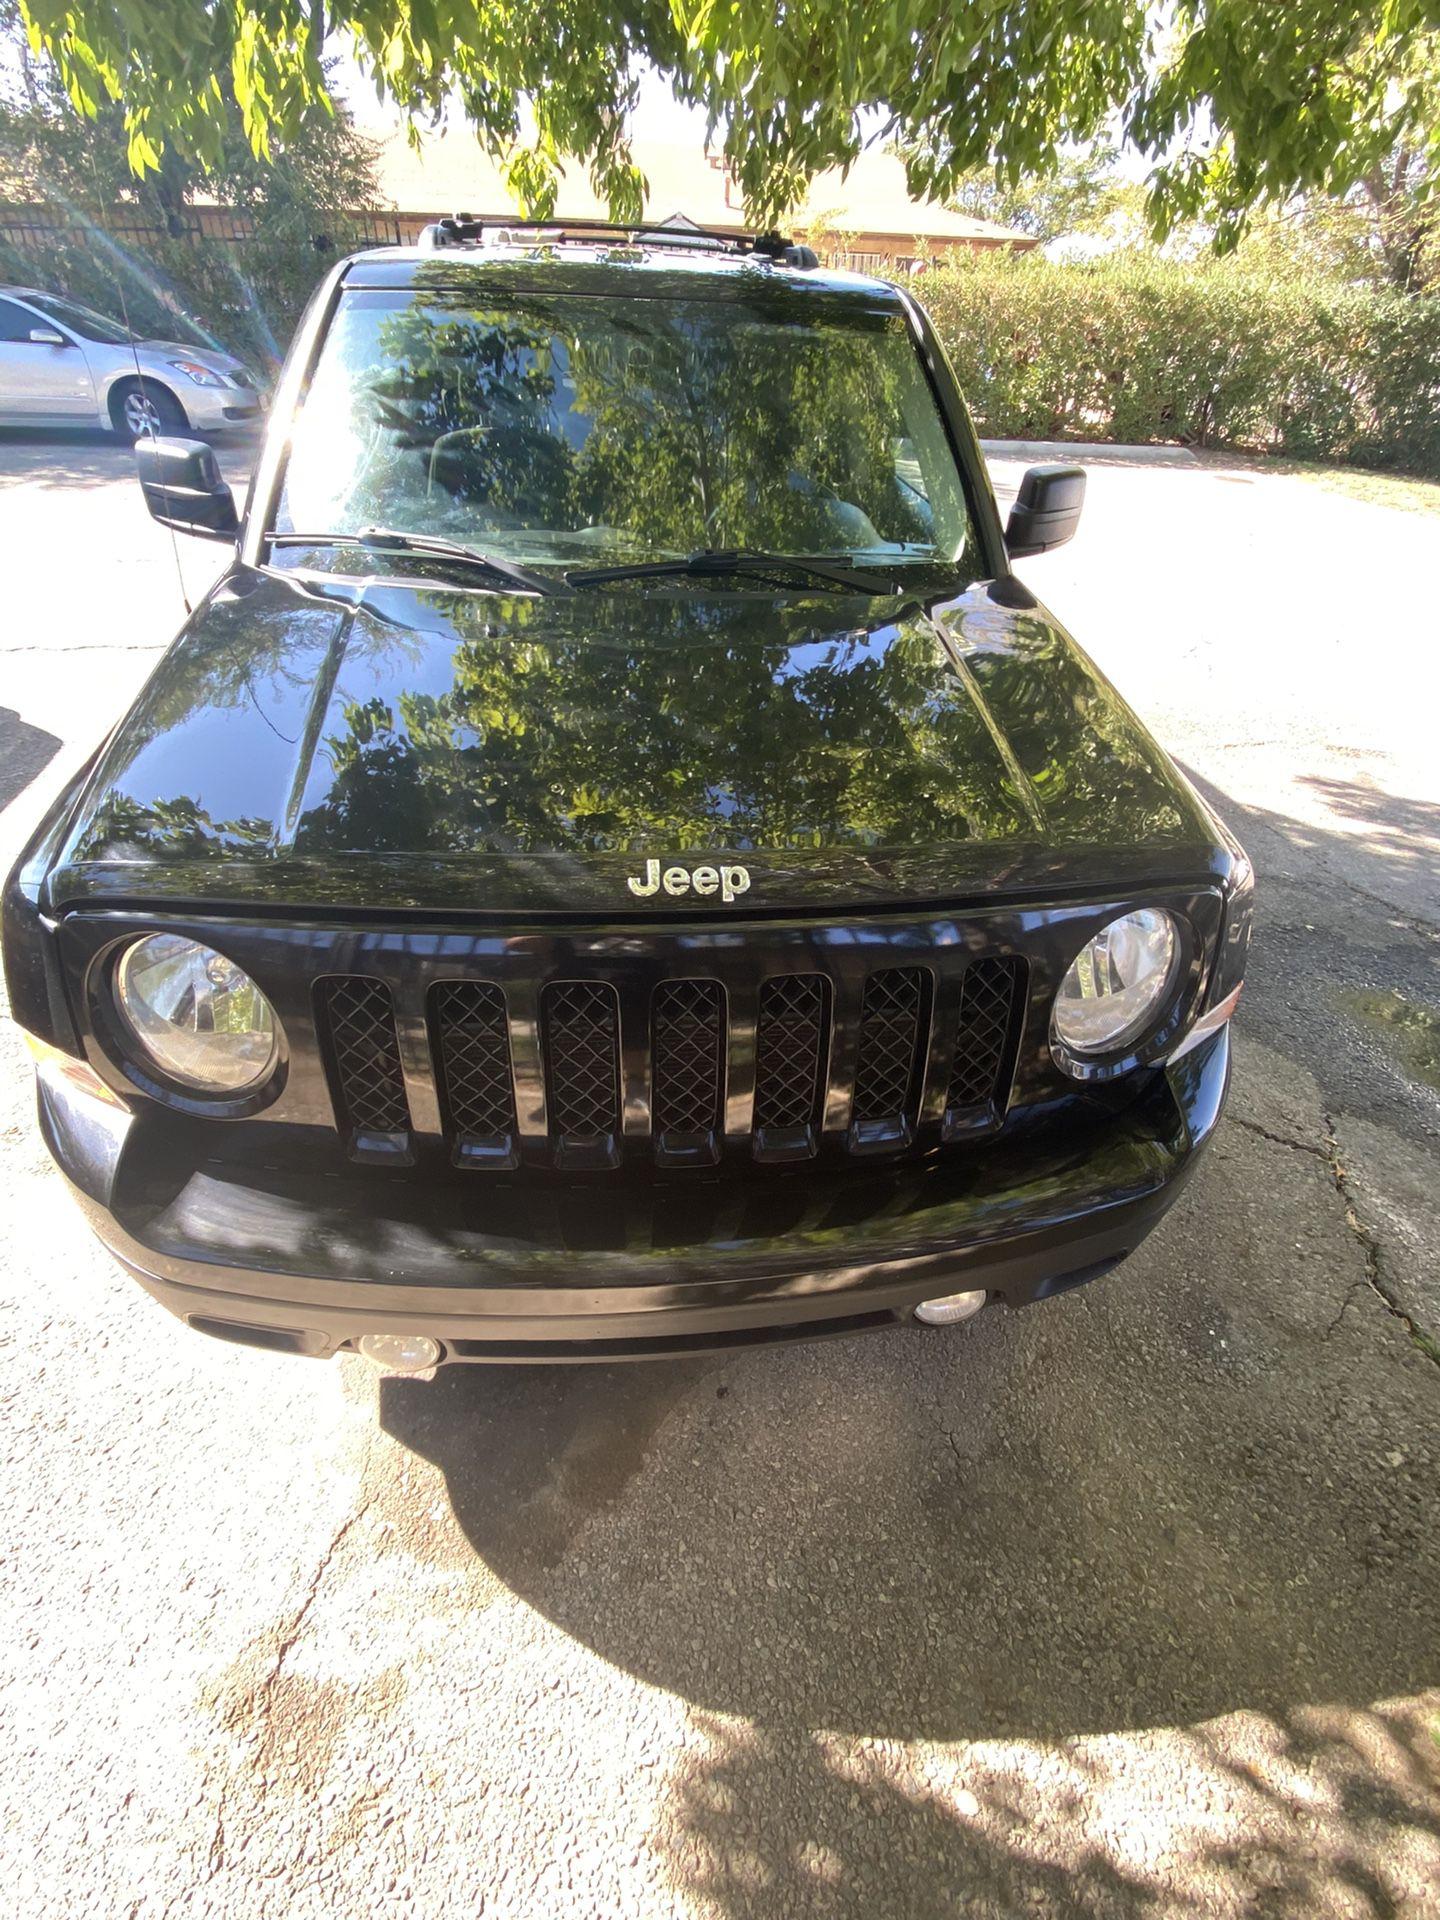 2014 Jeep Patriot latitude $7,000